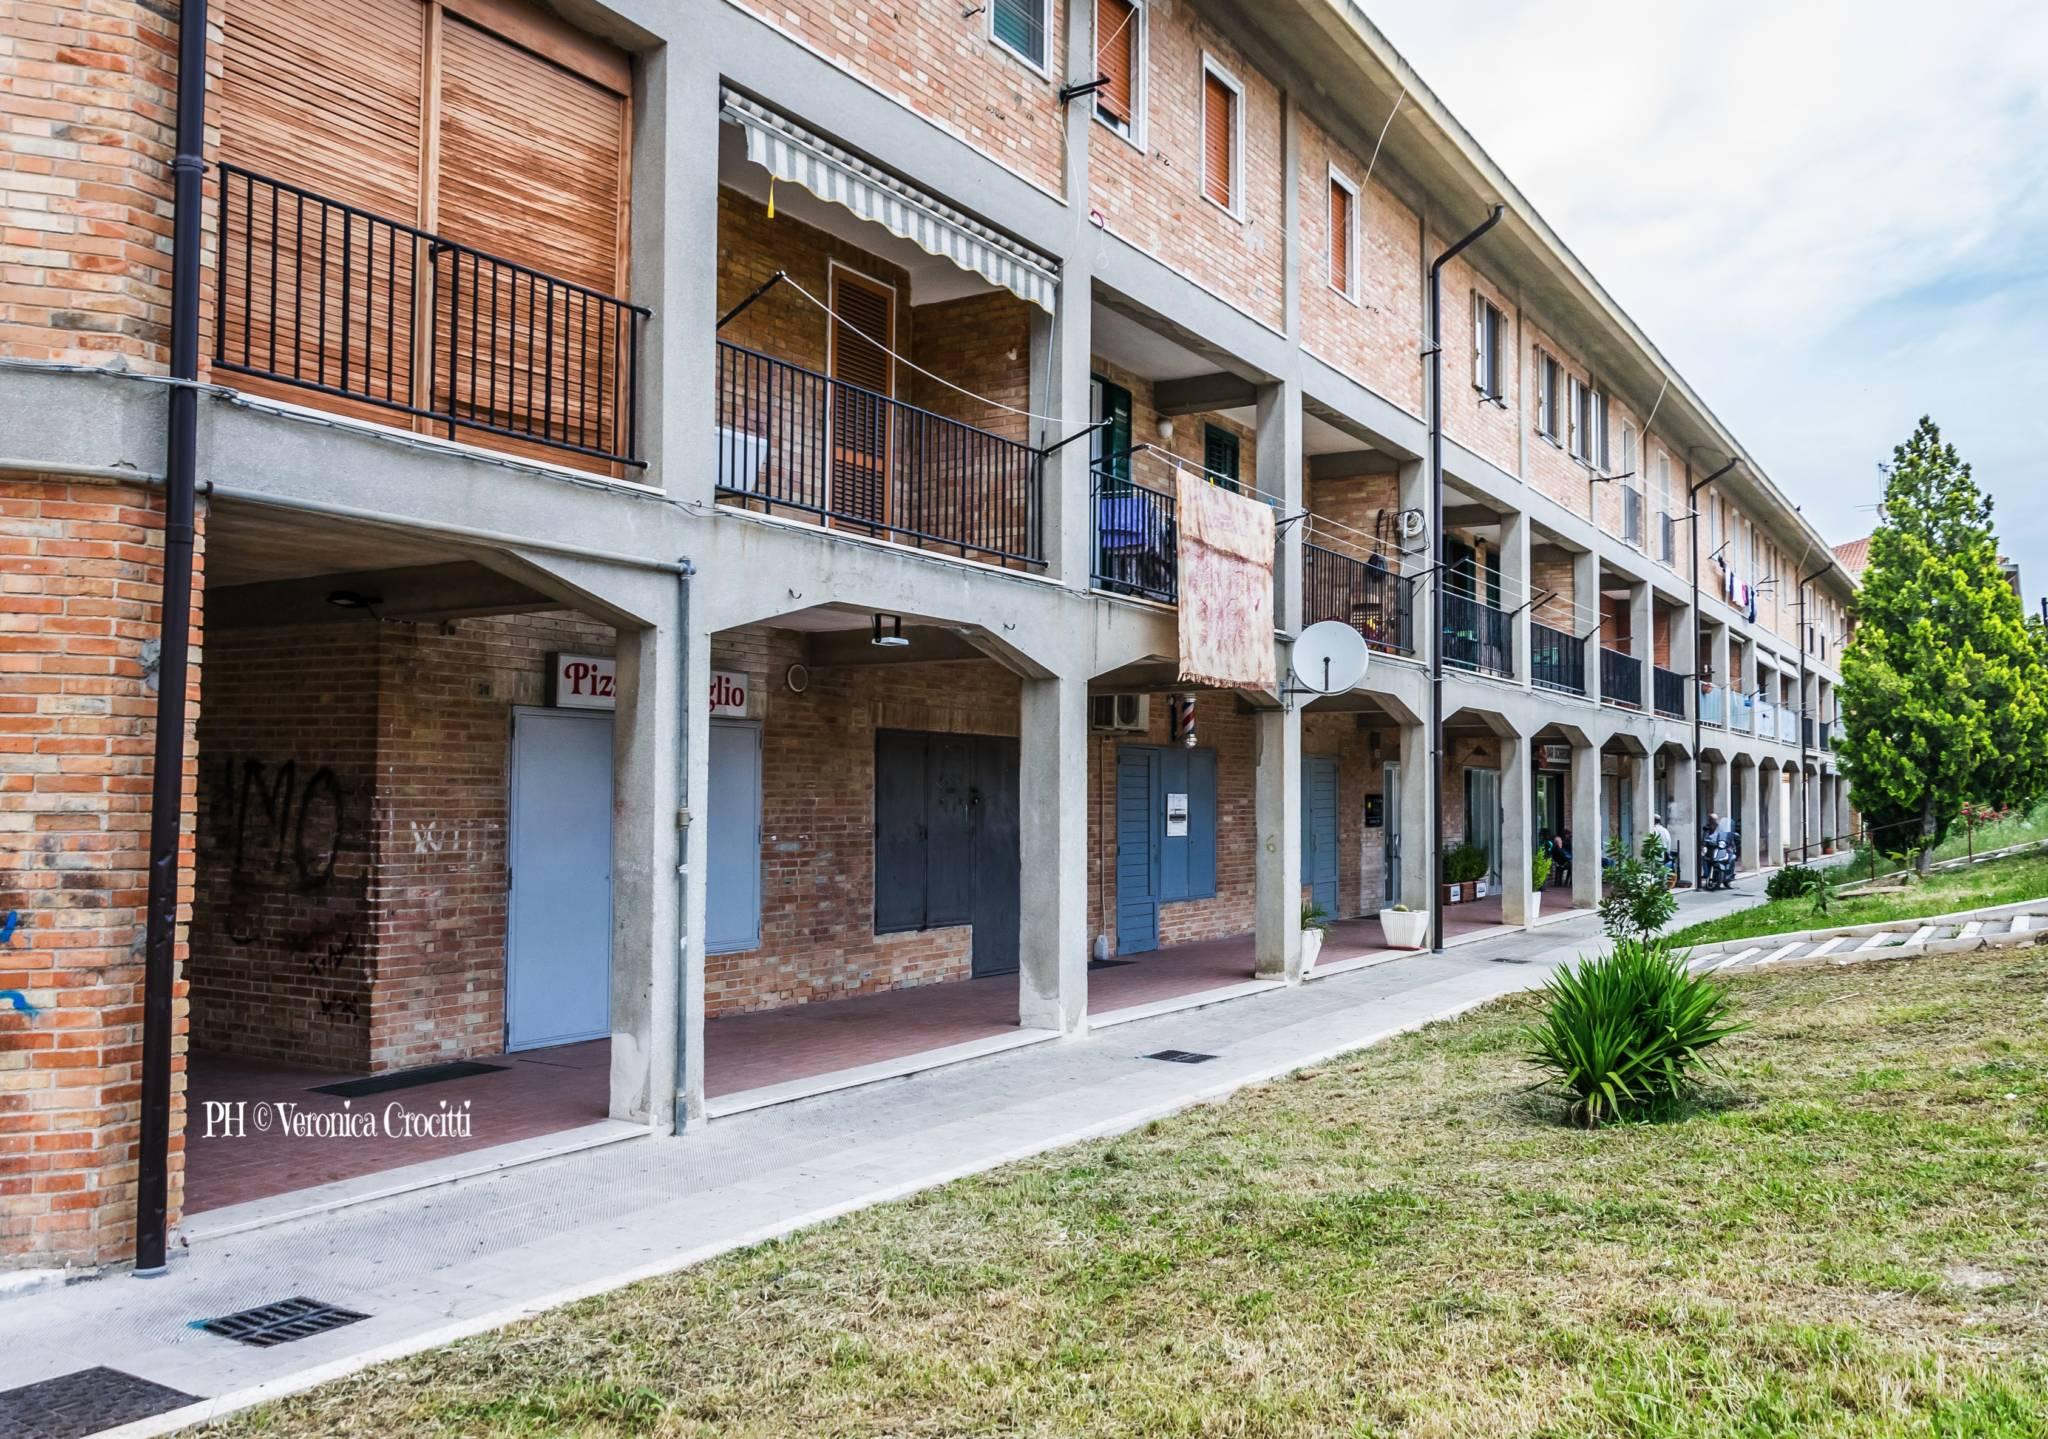 Casa Matera, Quartiere Risanamento Sassi. Matera, Città dei Sassi (Basilicata - Italia)